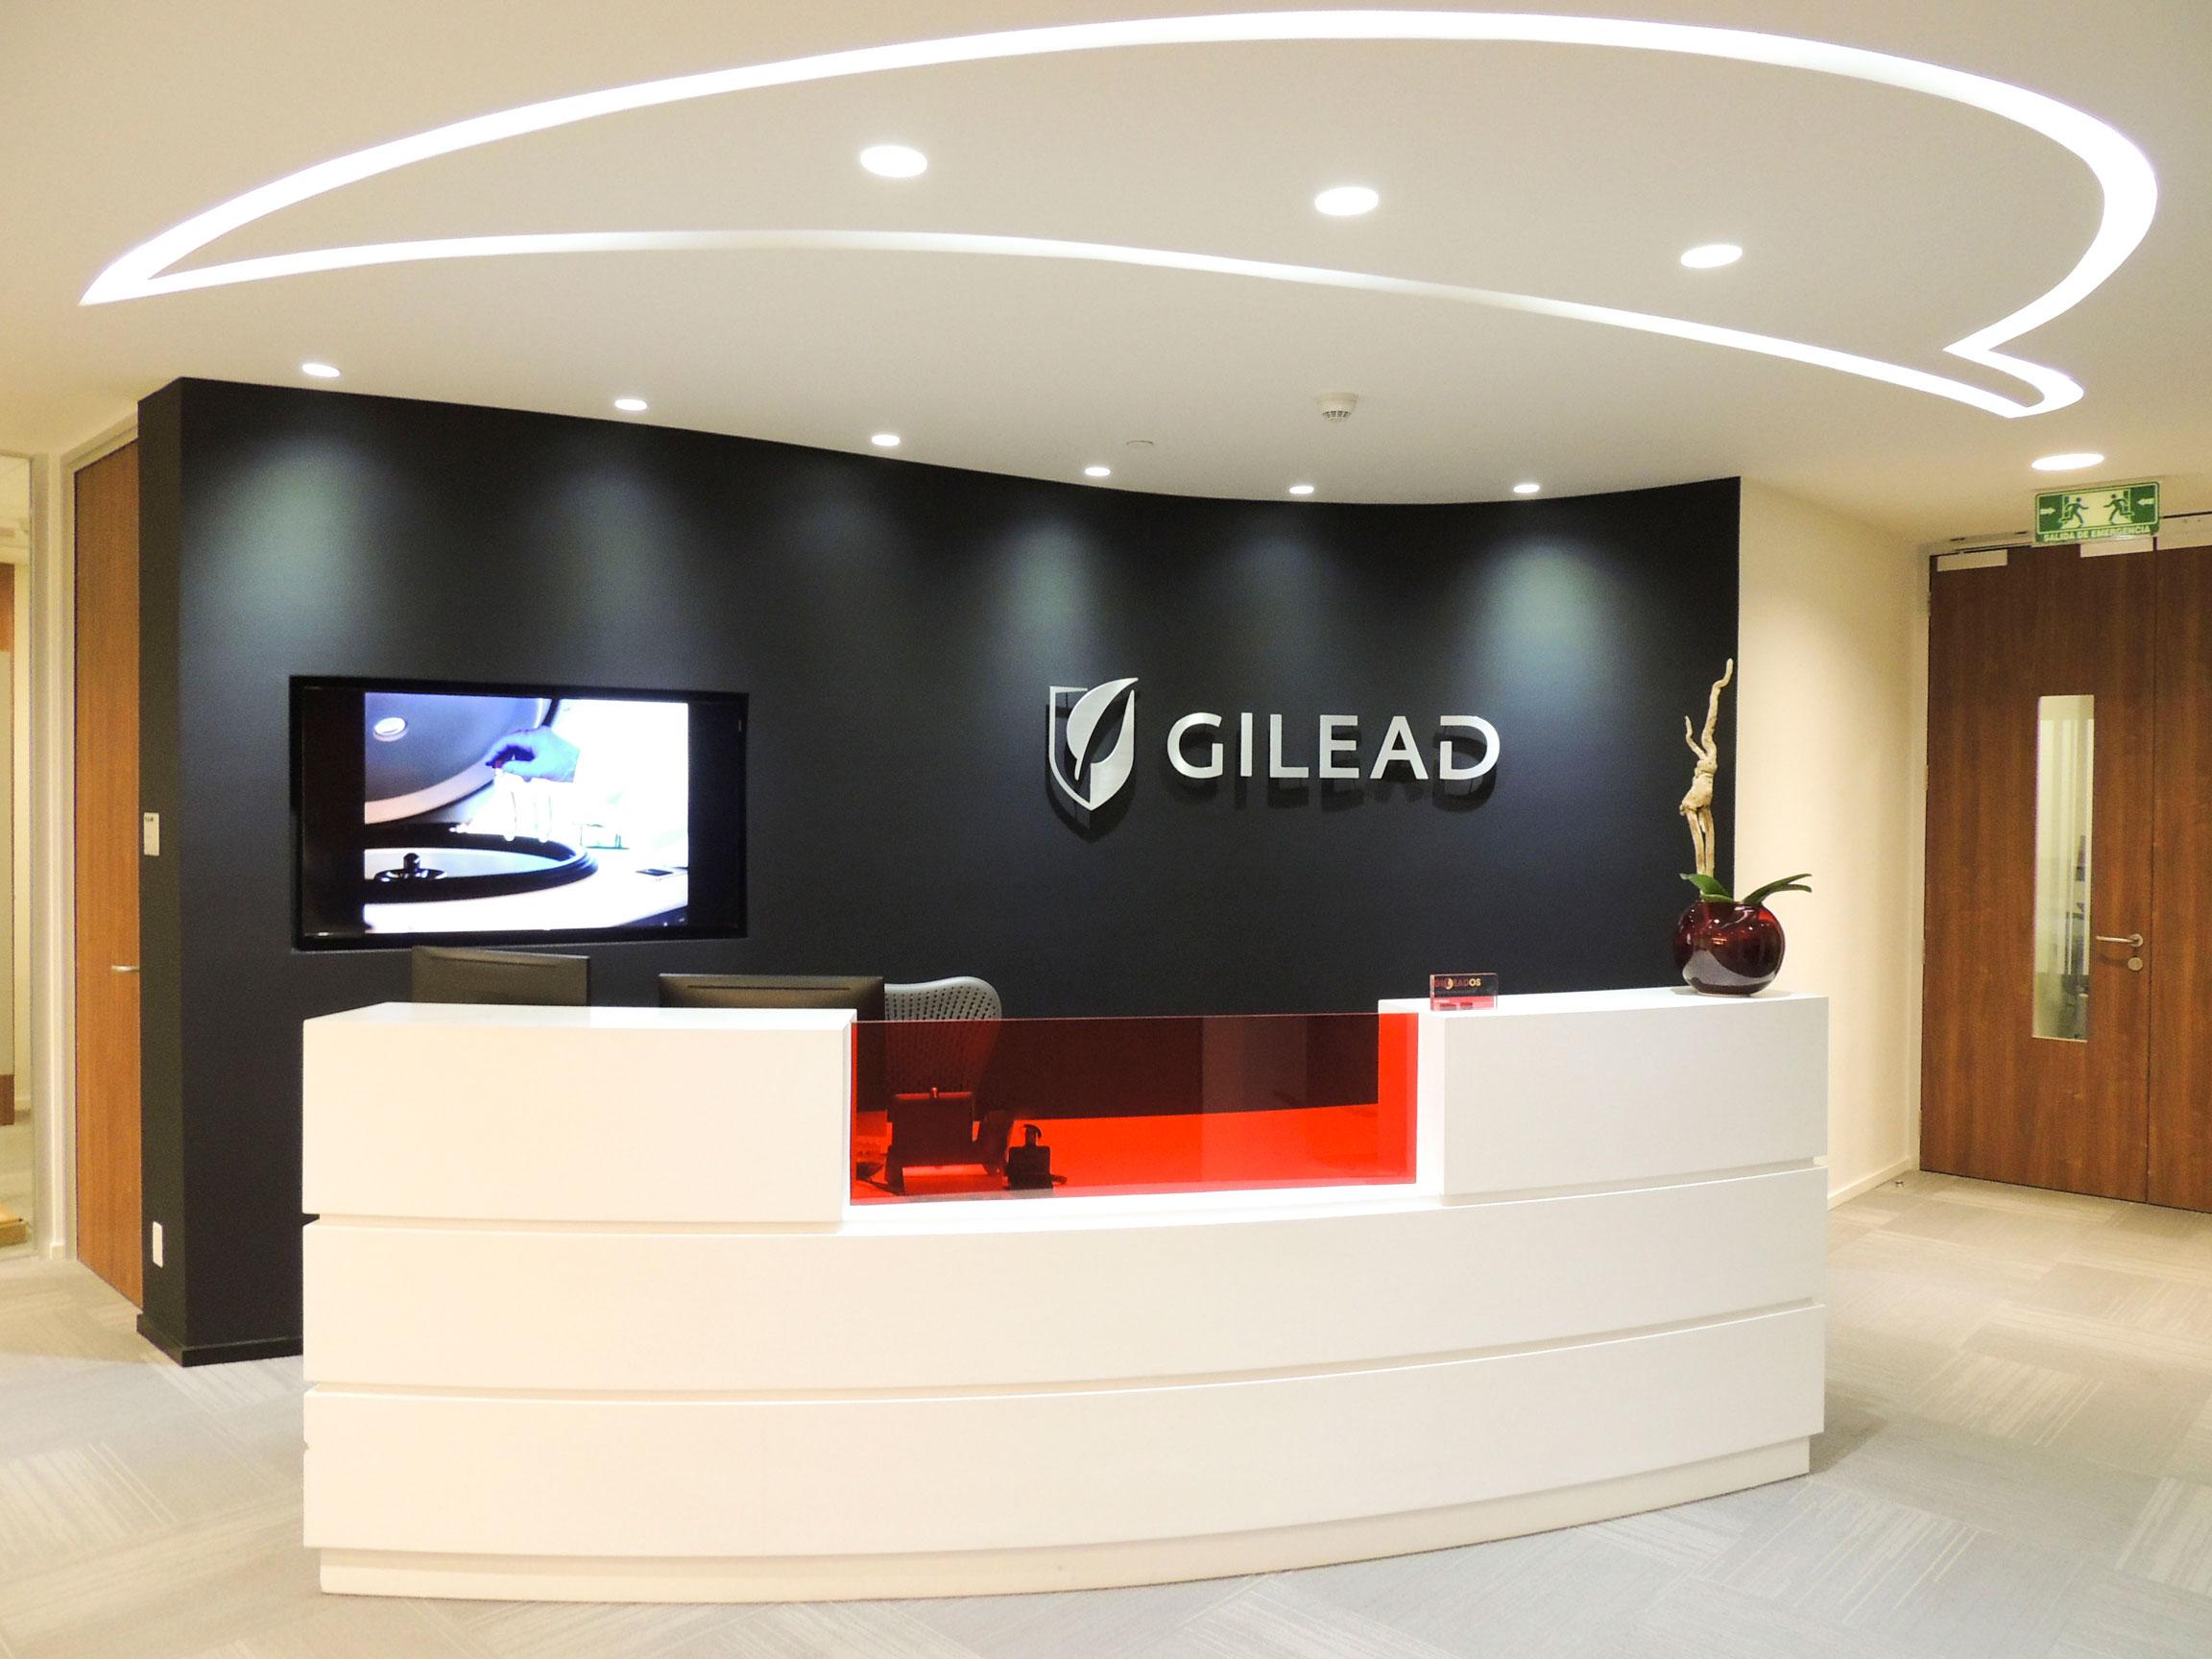 gilead_1